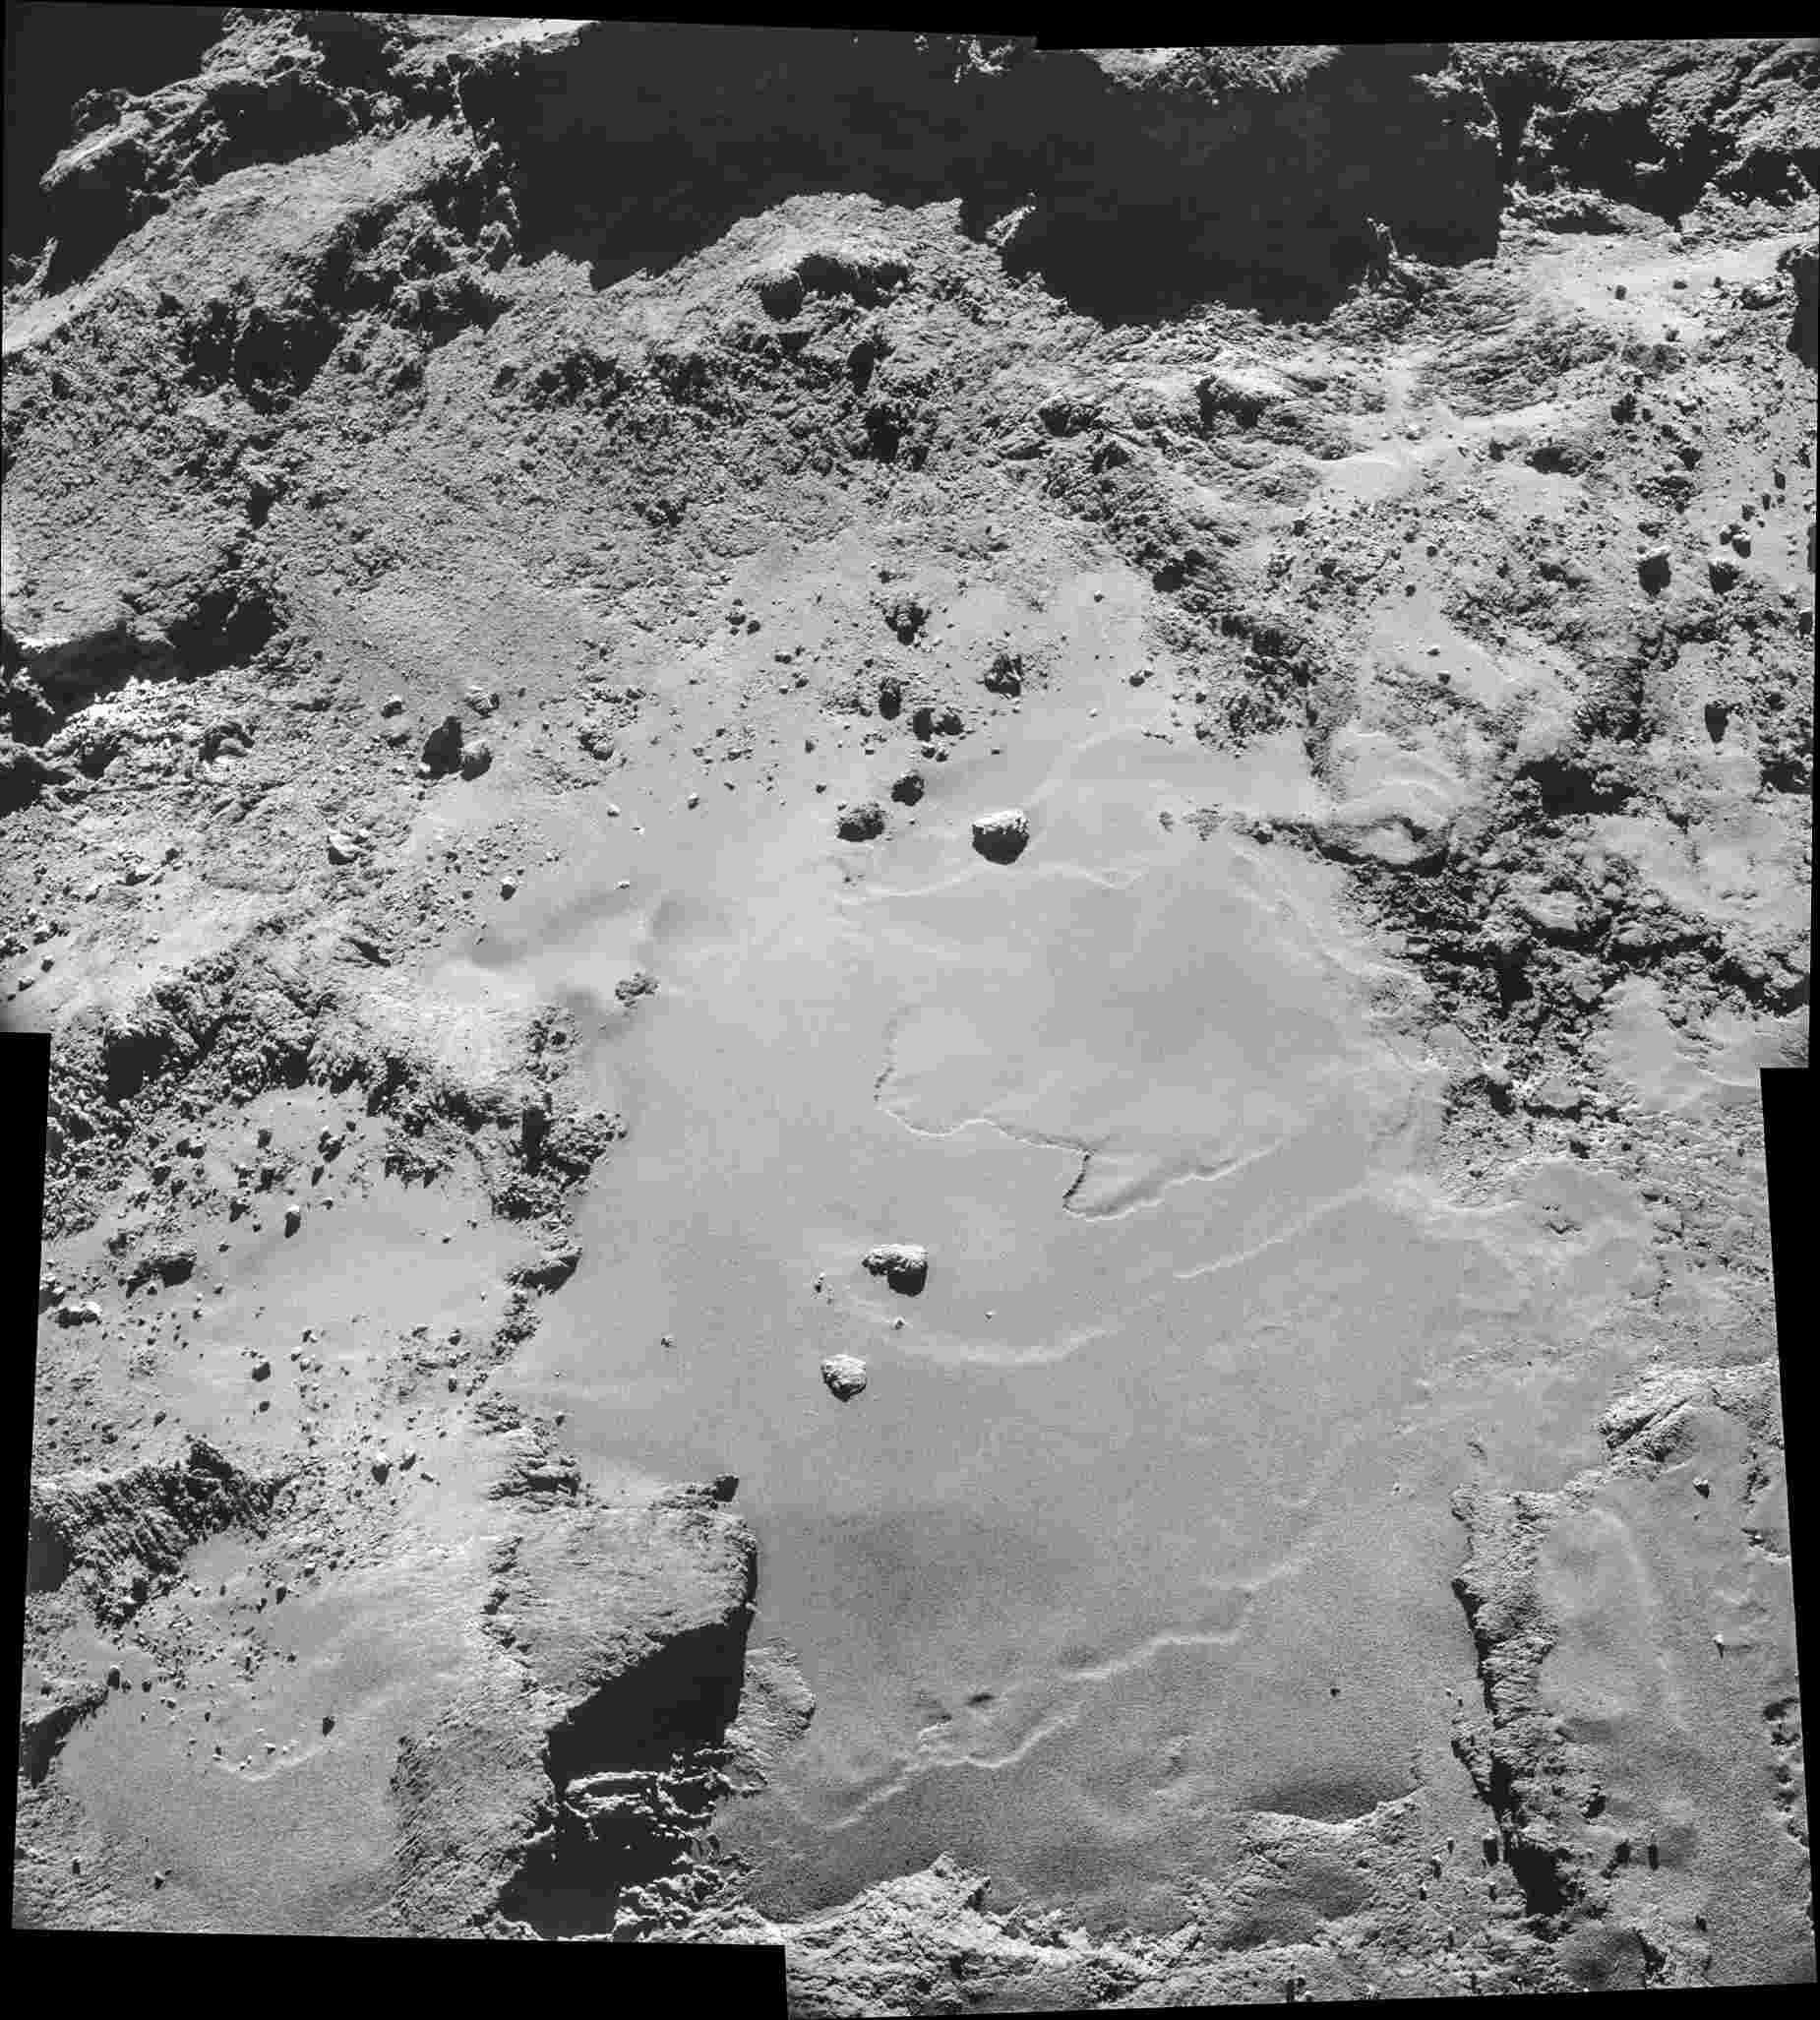 L'actualité de Rosetta - Page 6 Comet_10